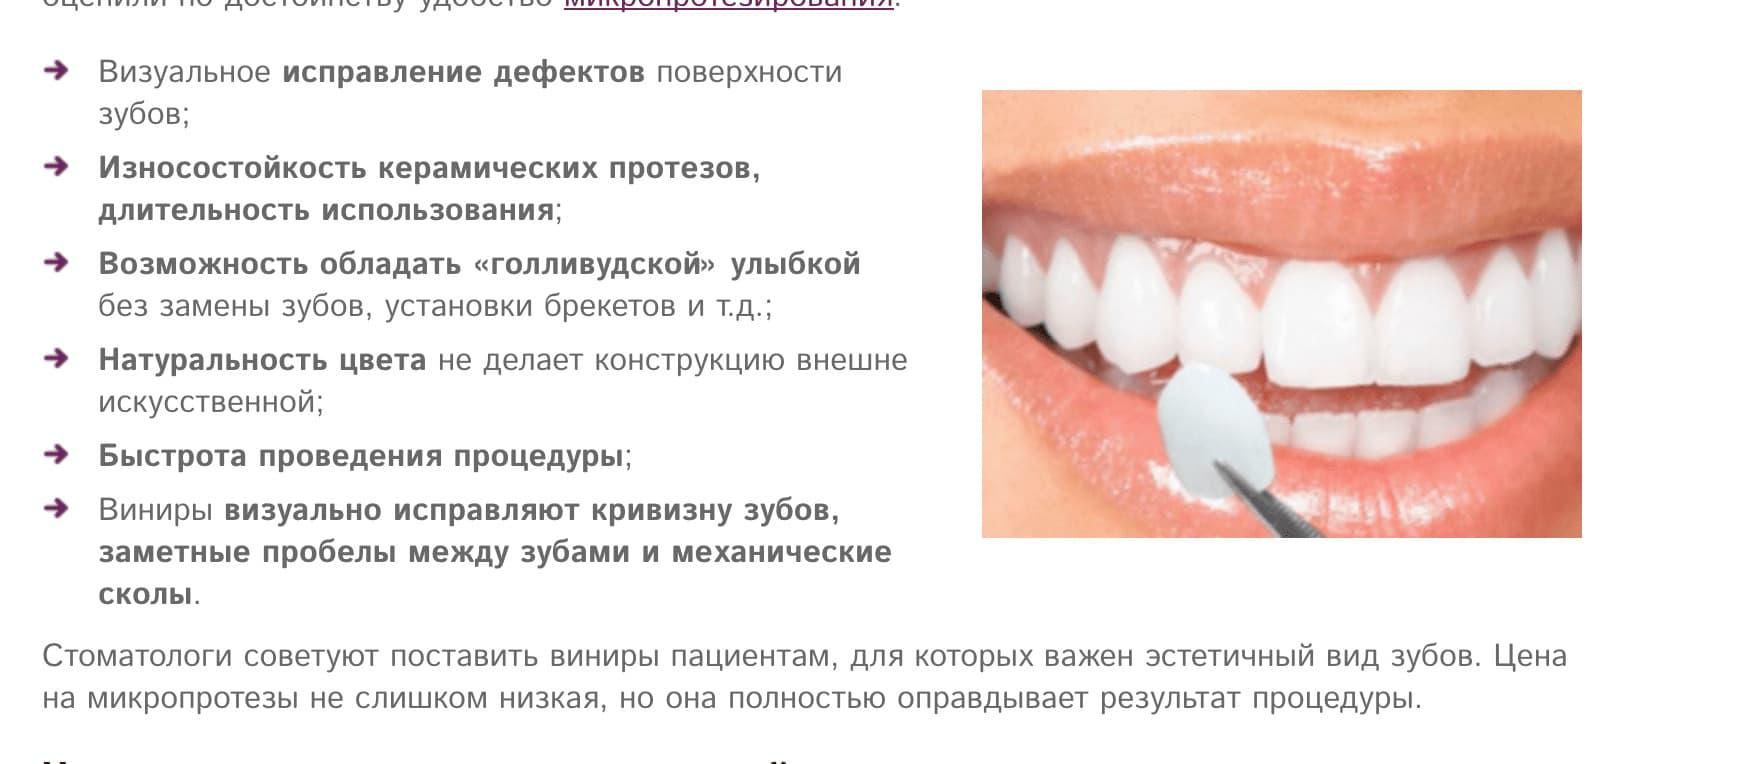 seo продвижение стоматологии заказать